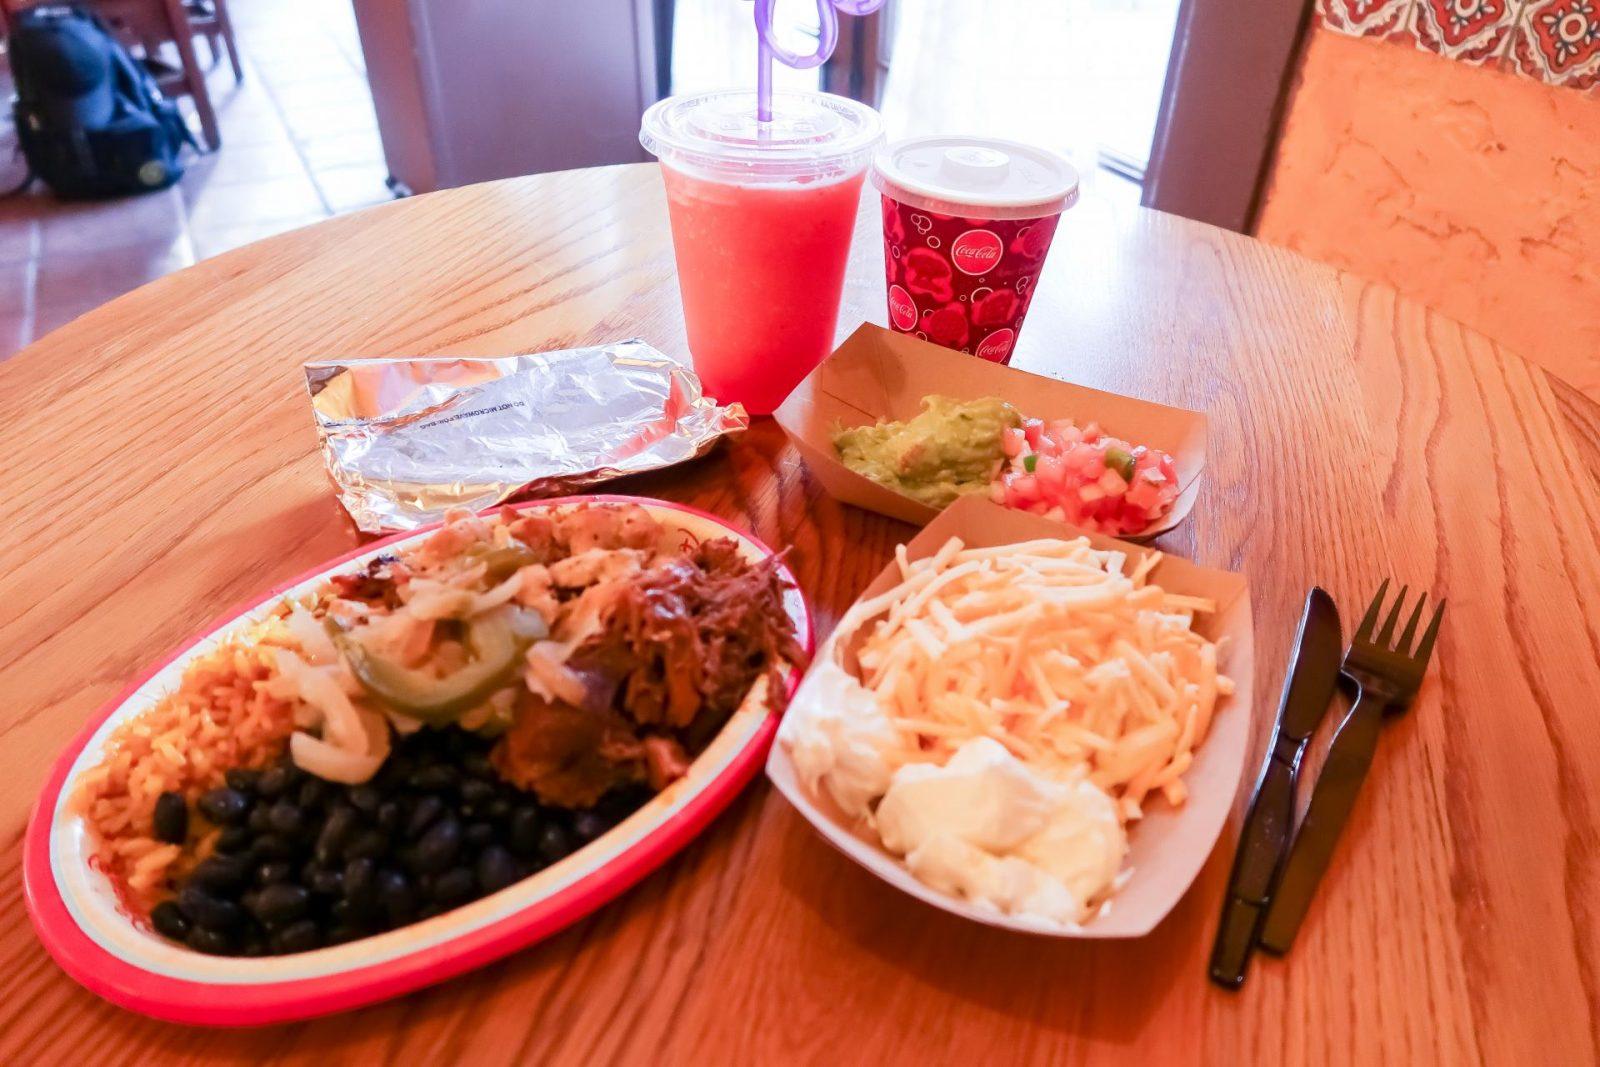 Fajita Platter at Pecos Bill - Quick Service Restaurants at Disney World